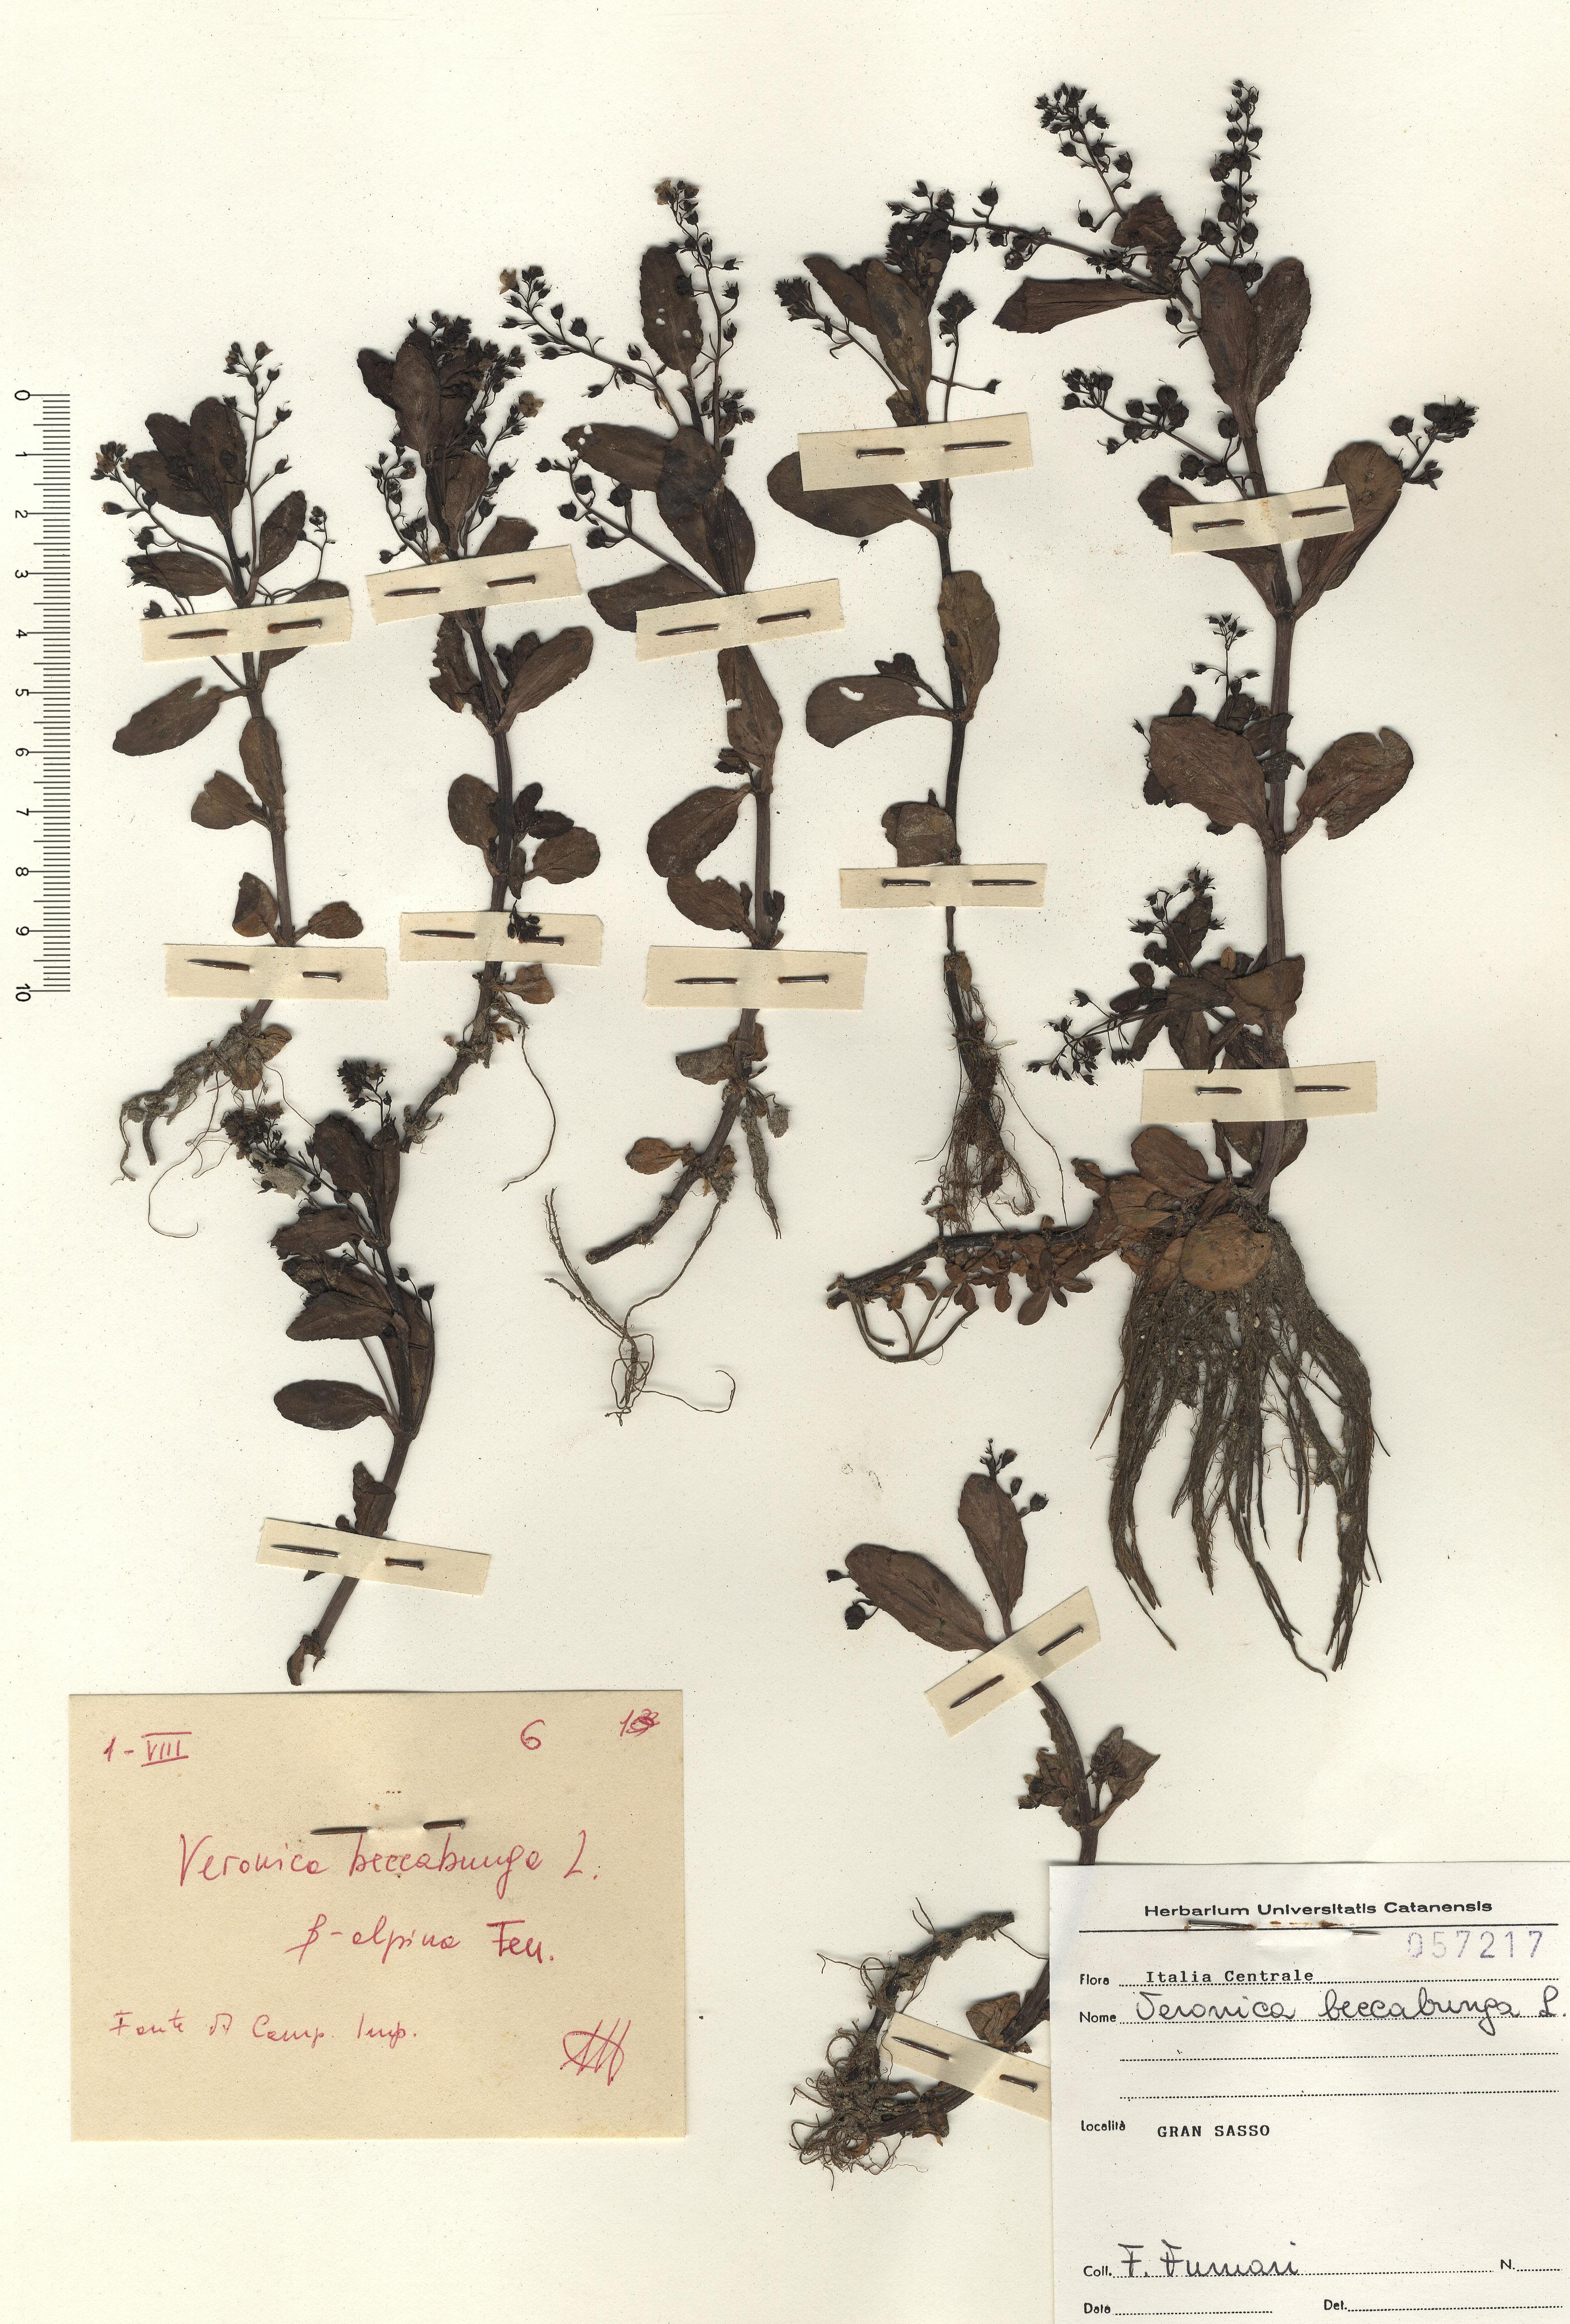 © Hortus  Botanicus Catinensis - Herb. sheet 057217<br>